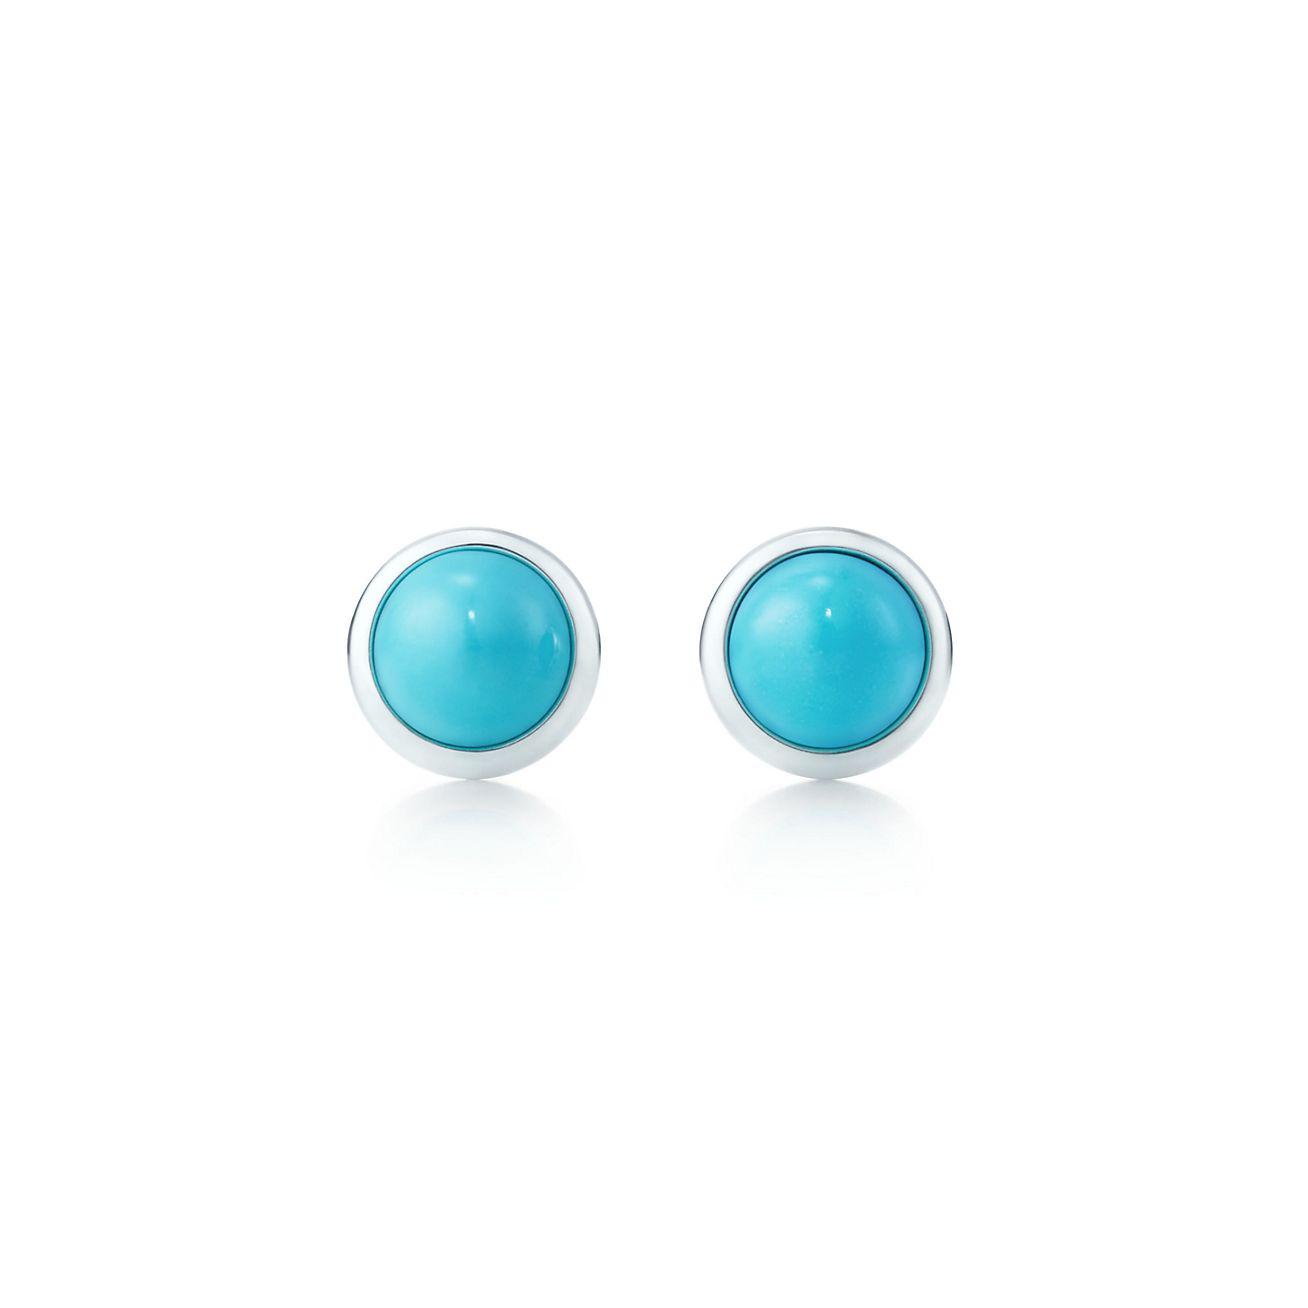 elsa peretticolor by the yard earrings - Elsa Peretti Color By The Yard Ring